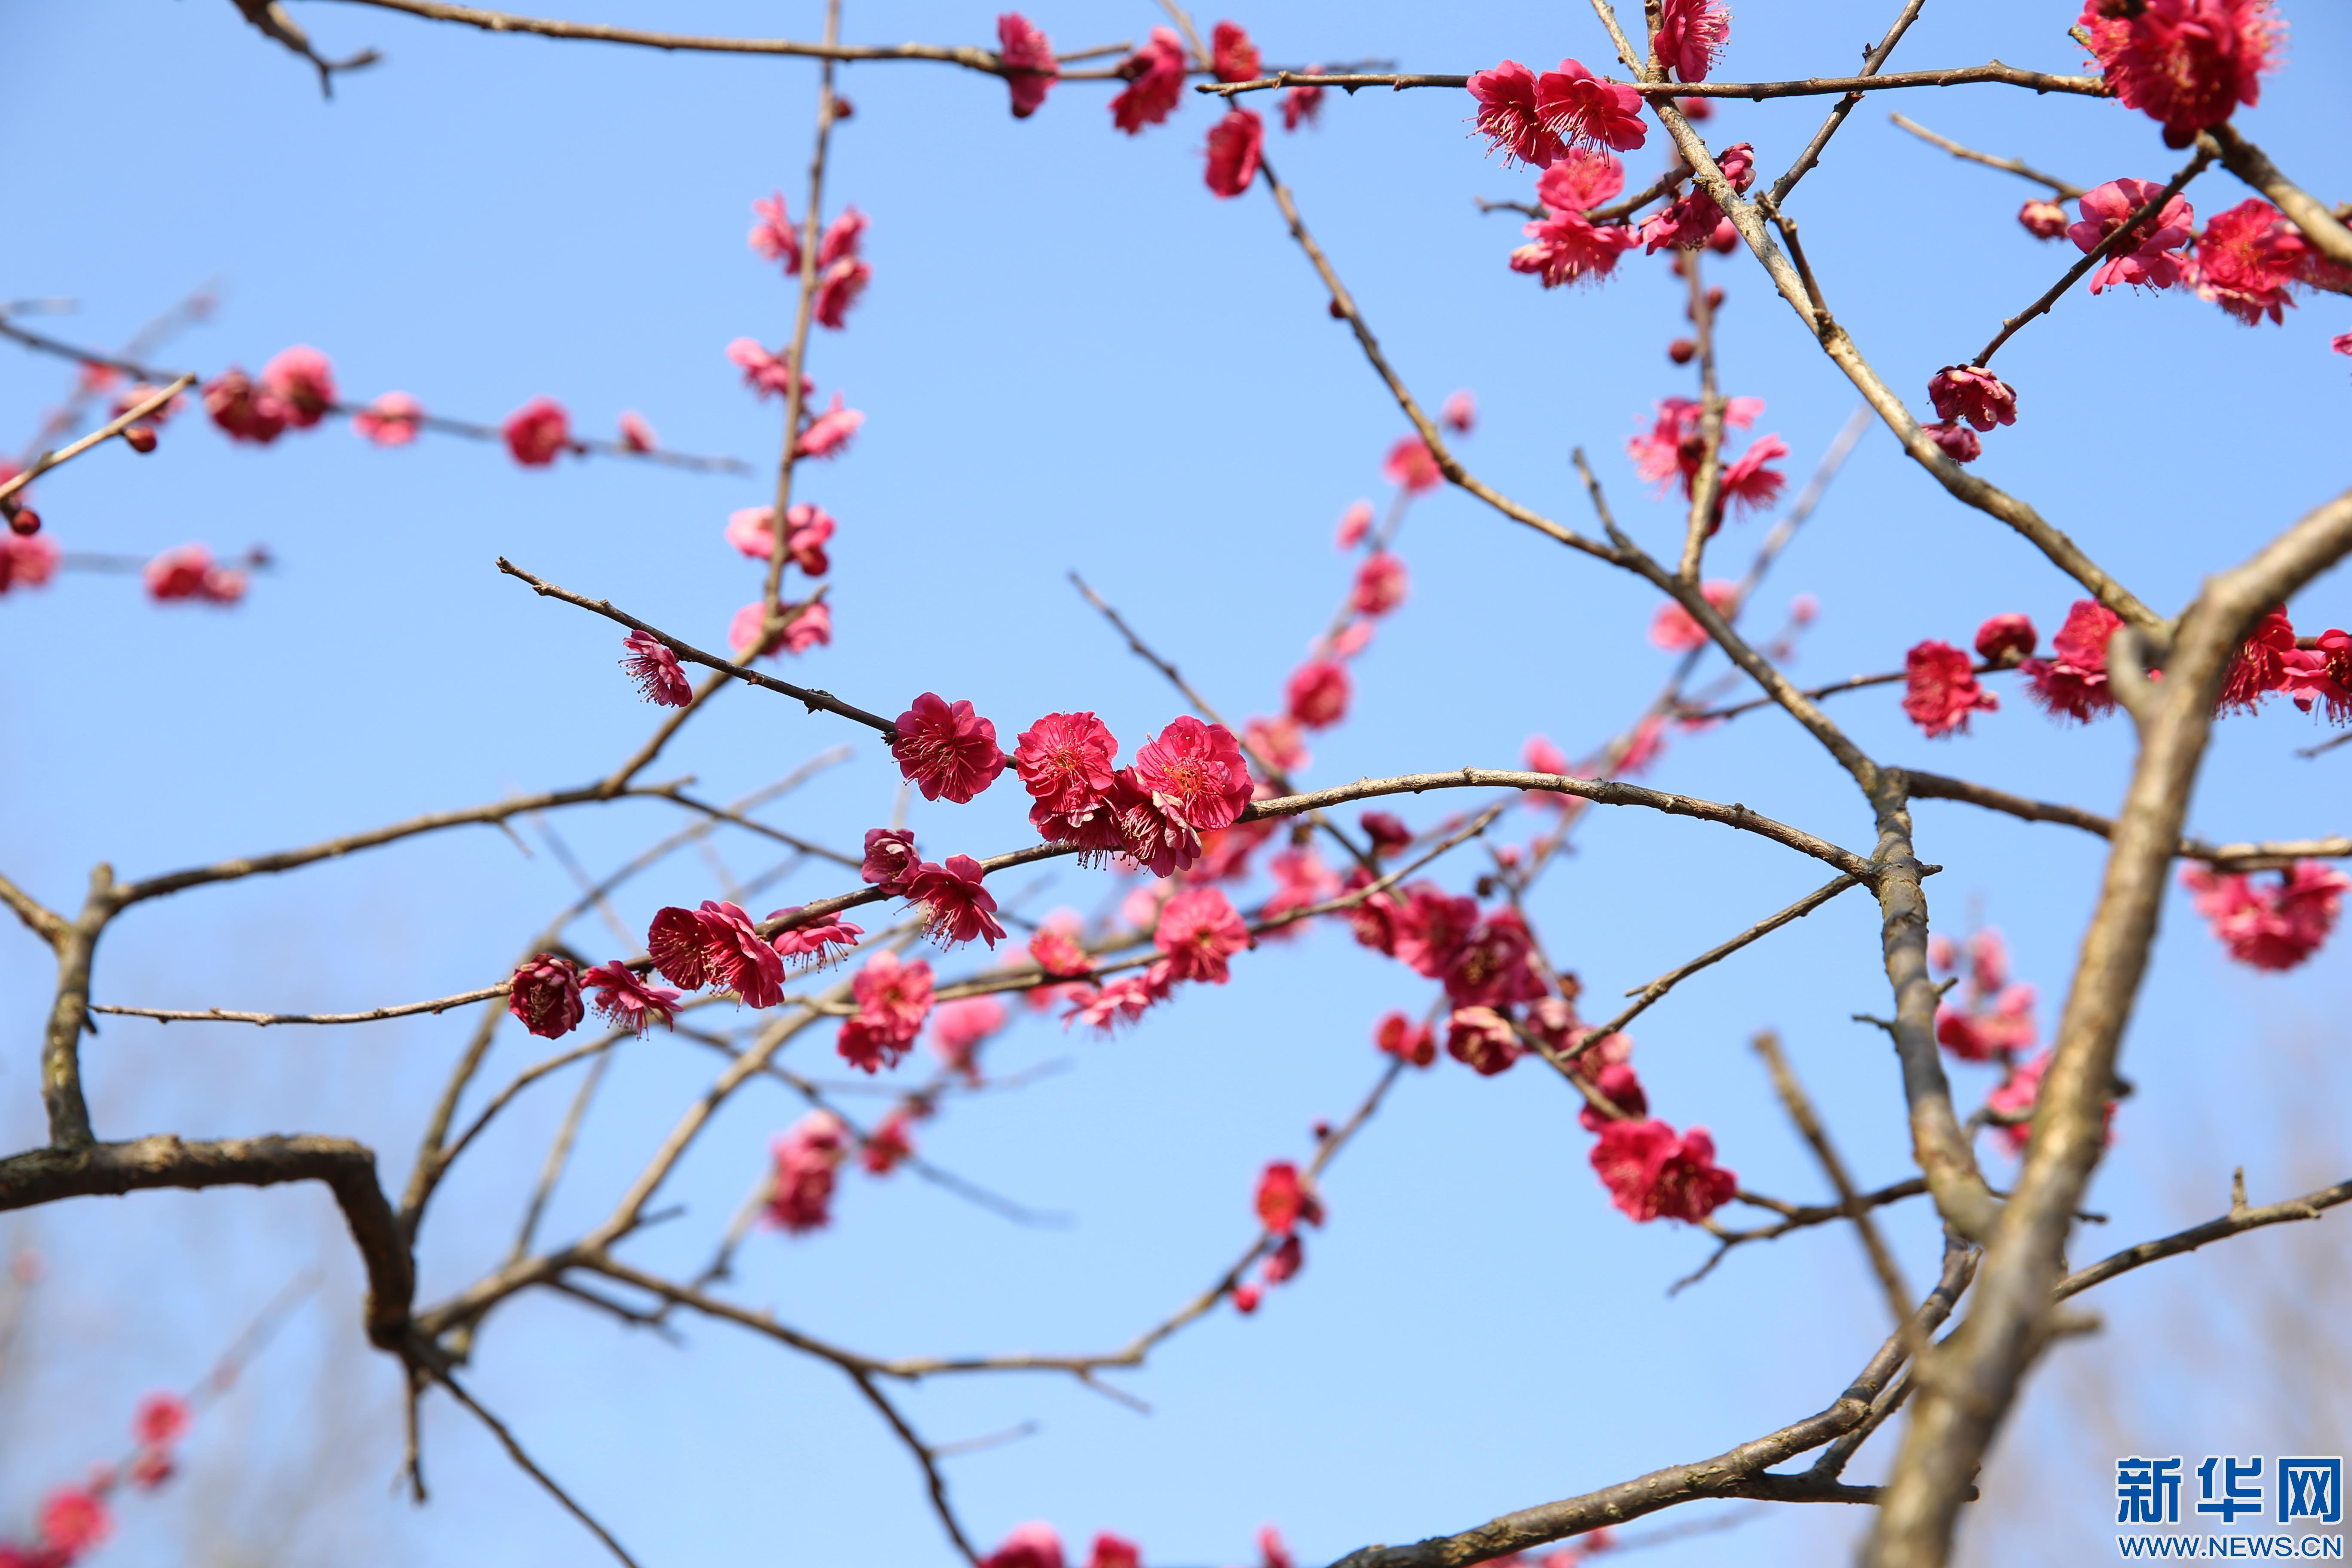 浙江杭州:冬去春来 二月梅香